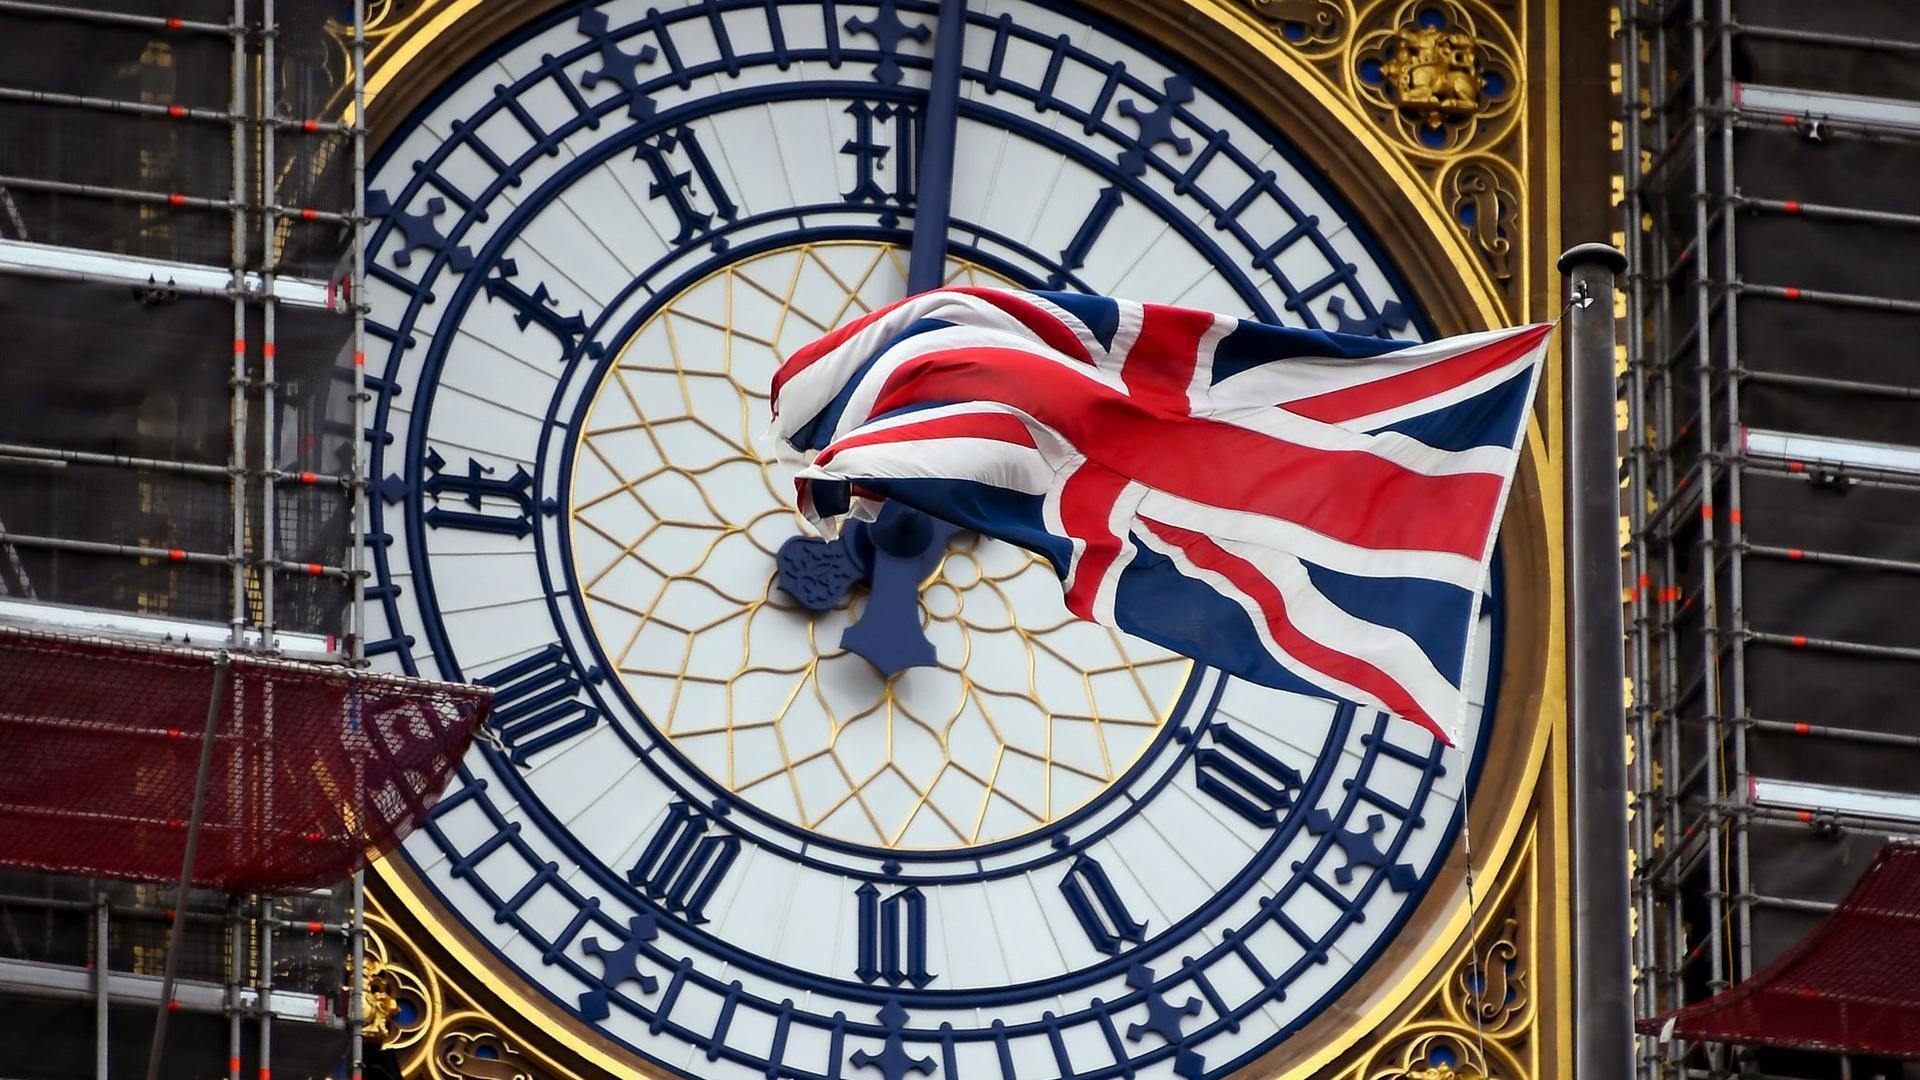 Die Uhr tickt, der Brexit naht. Jetzt sieht es ganz danach aus, dass die Nachbarschaft des Königreichs und der EU nach der Scheidung keine einfache werden wird.